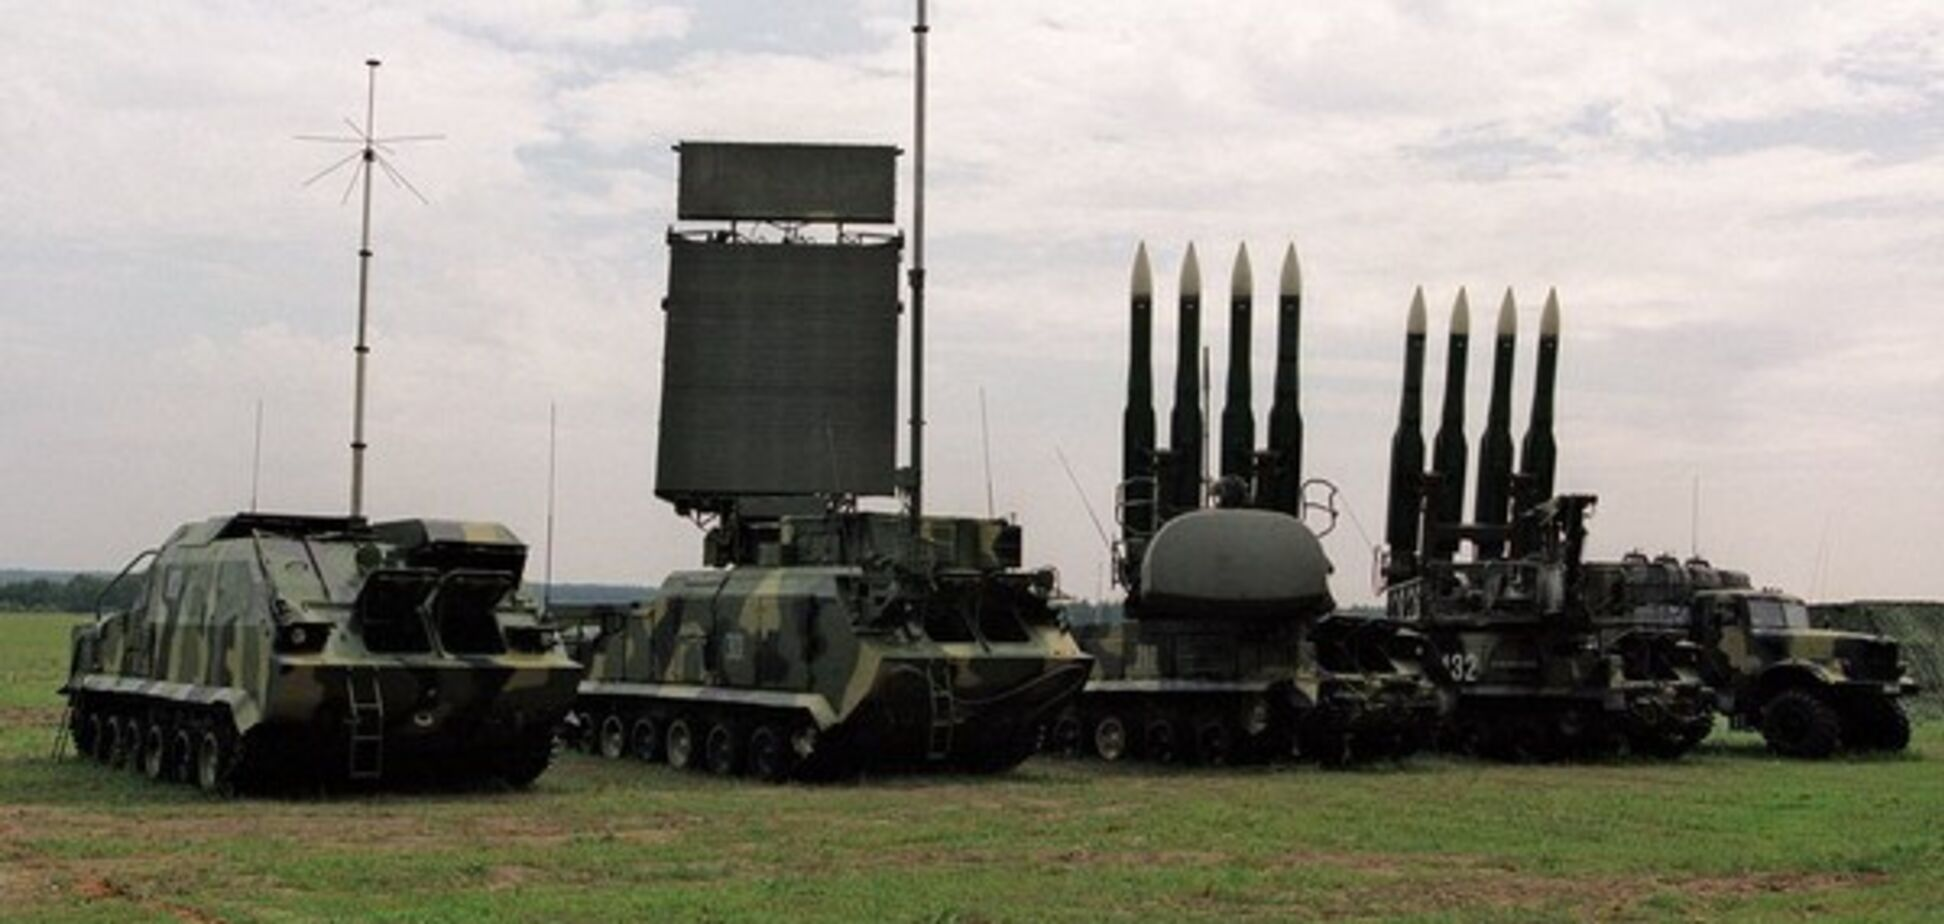 Испытания ракет в Украине: генерал пояснил, зачем они нужны